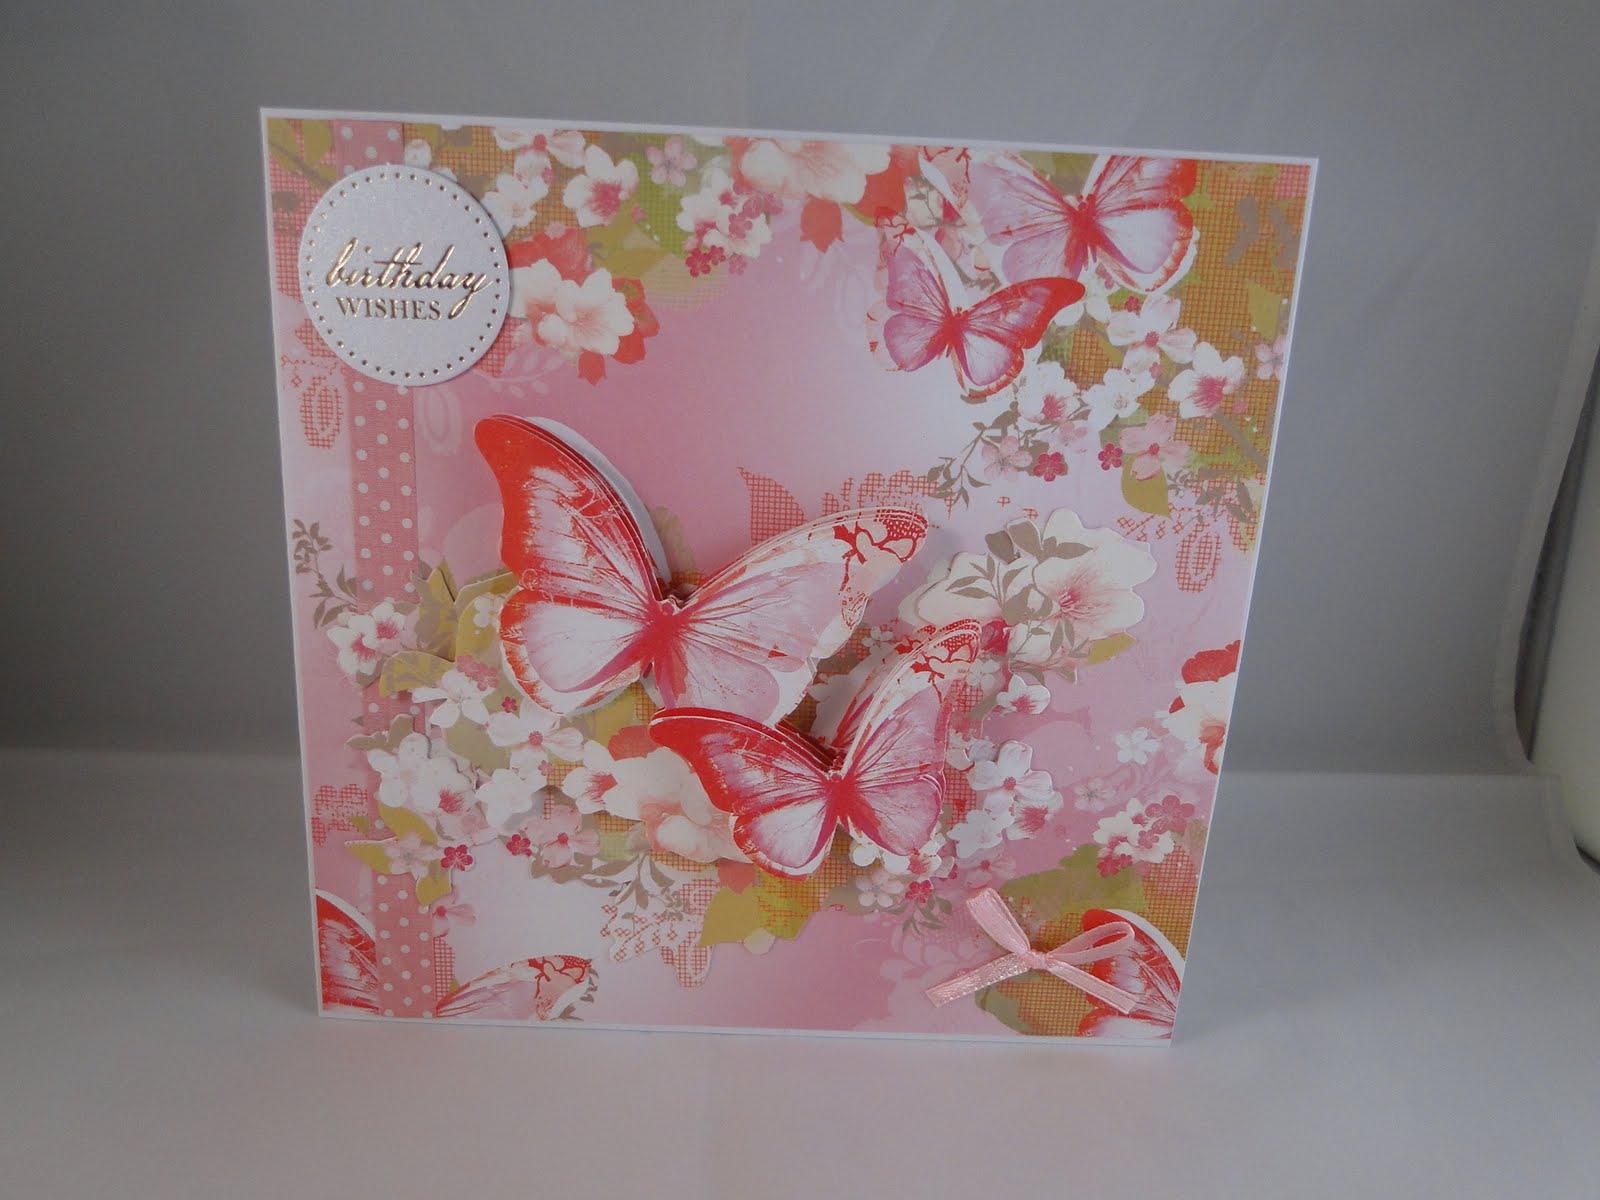 Creative Birthday Cards Handmade ~ Elaine s creative musings more handmade birthday cards